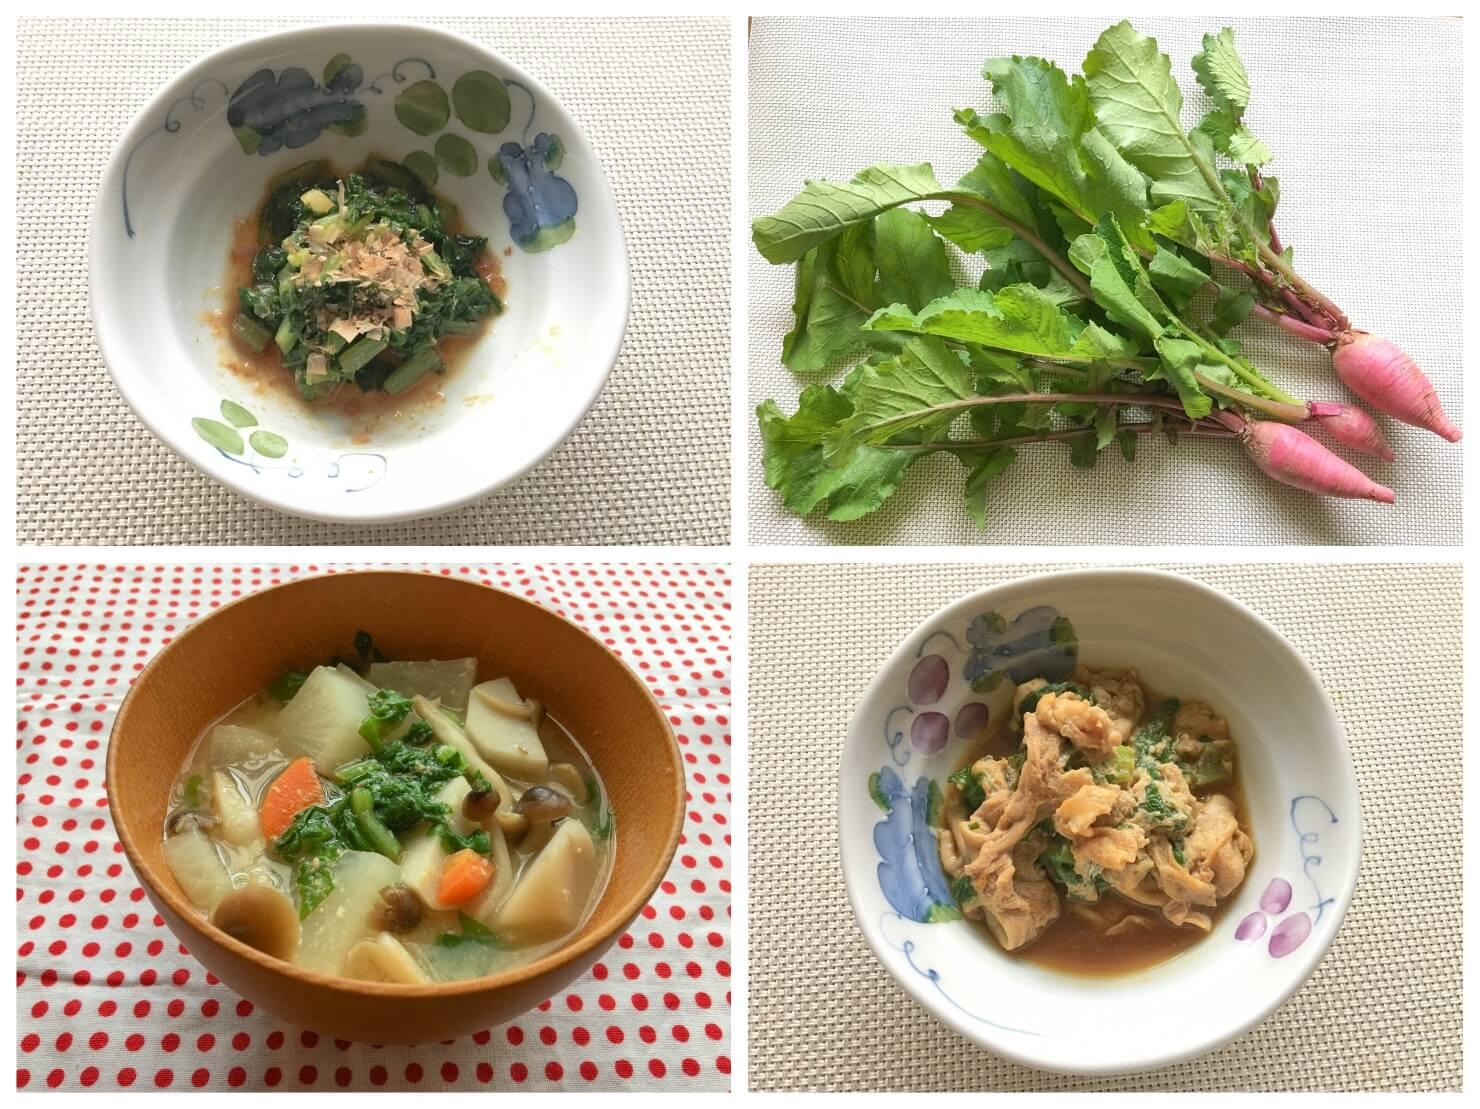 大根葉料理の写真のコラージュ